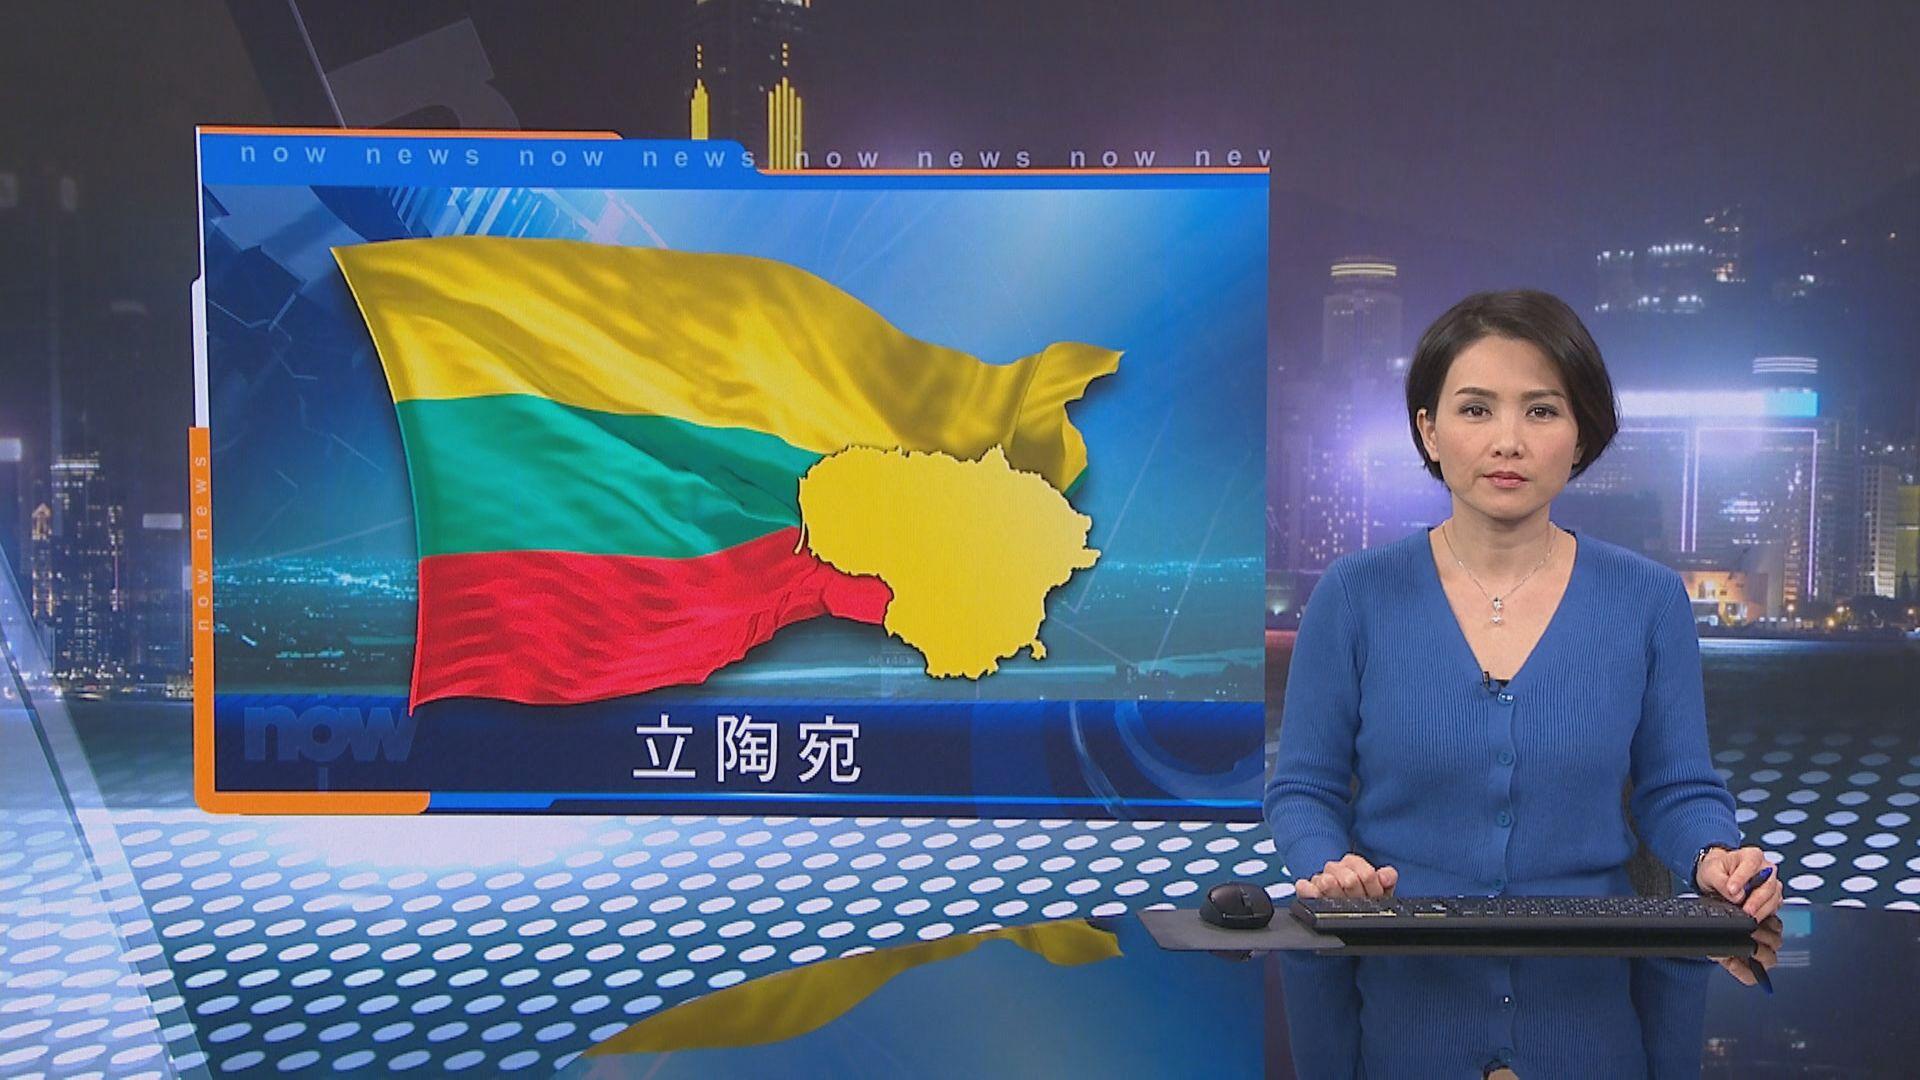 立陶宛執政聯盟表明支持台灣爭取自由